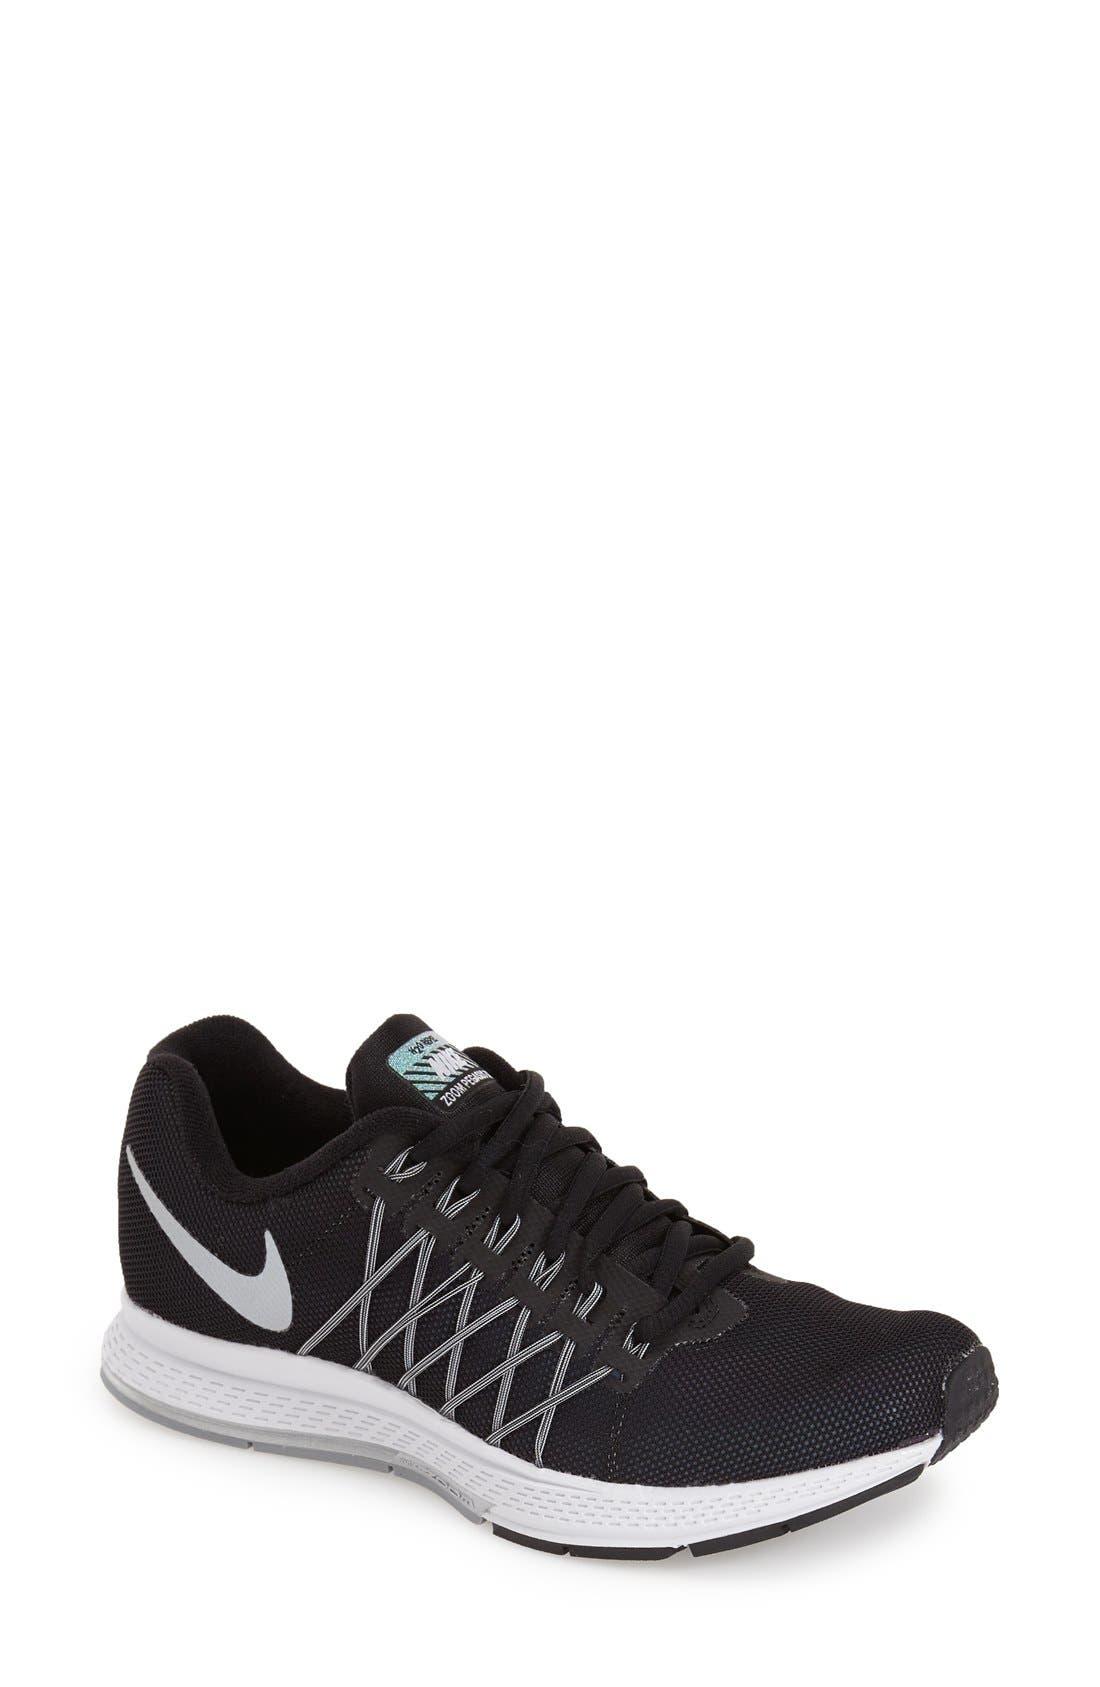 NIKE 'Zoom Pegasus 32 - Flash' h2o Repel Running Shoe, Main, color, 001